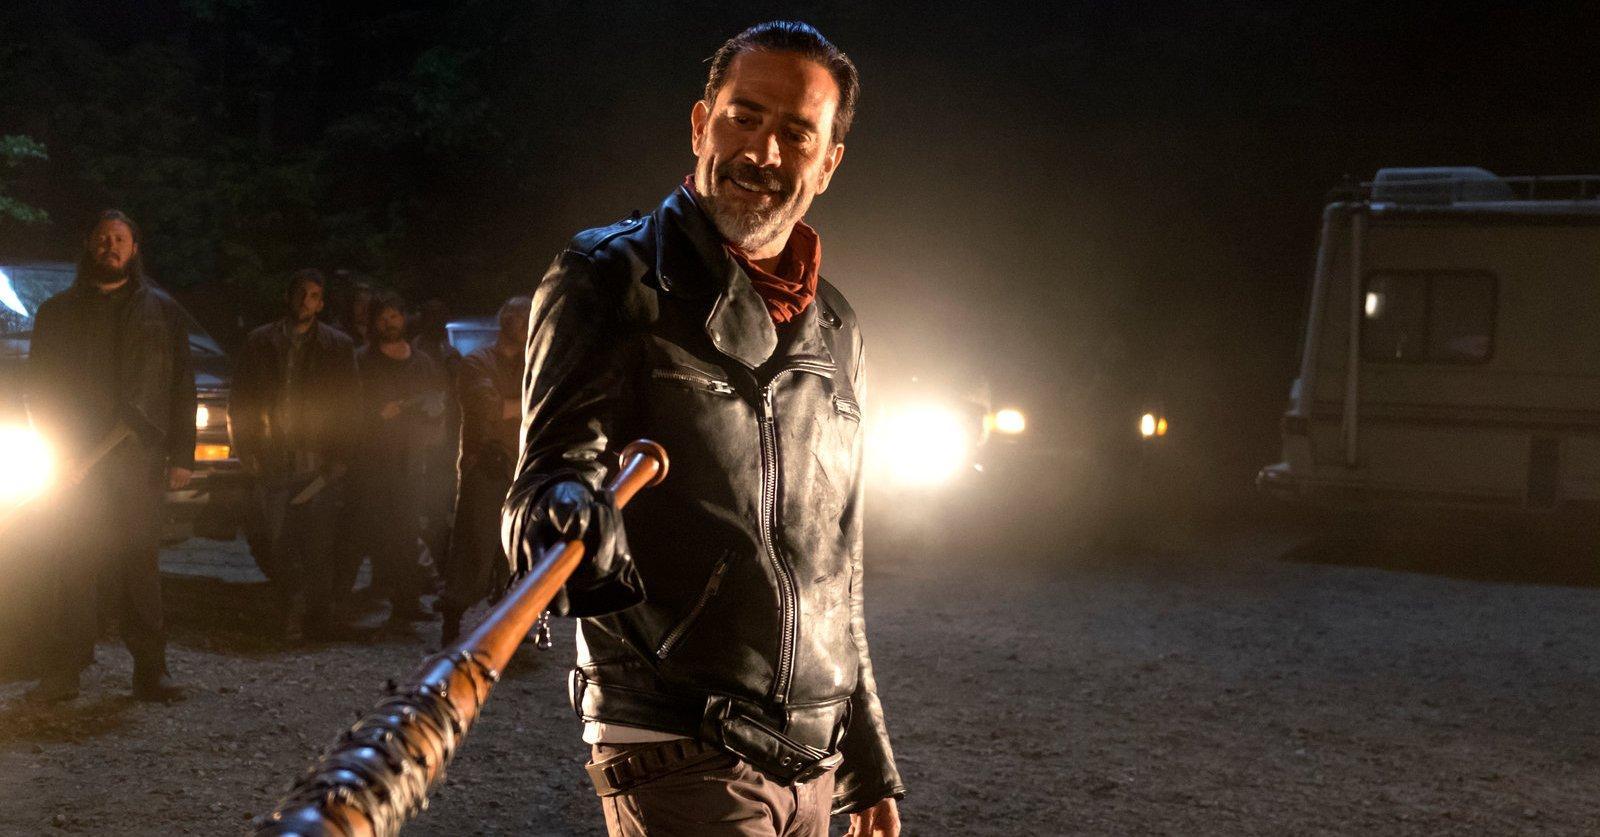 Fanáticos de 'The Walking Dead' se tomaron las redes sociales tras esperado capítulo